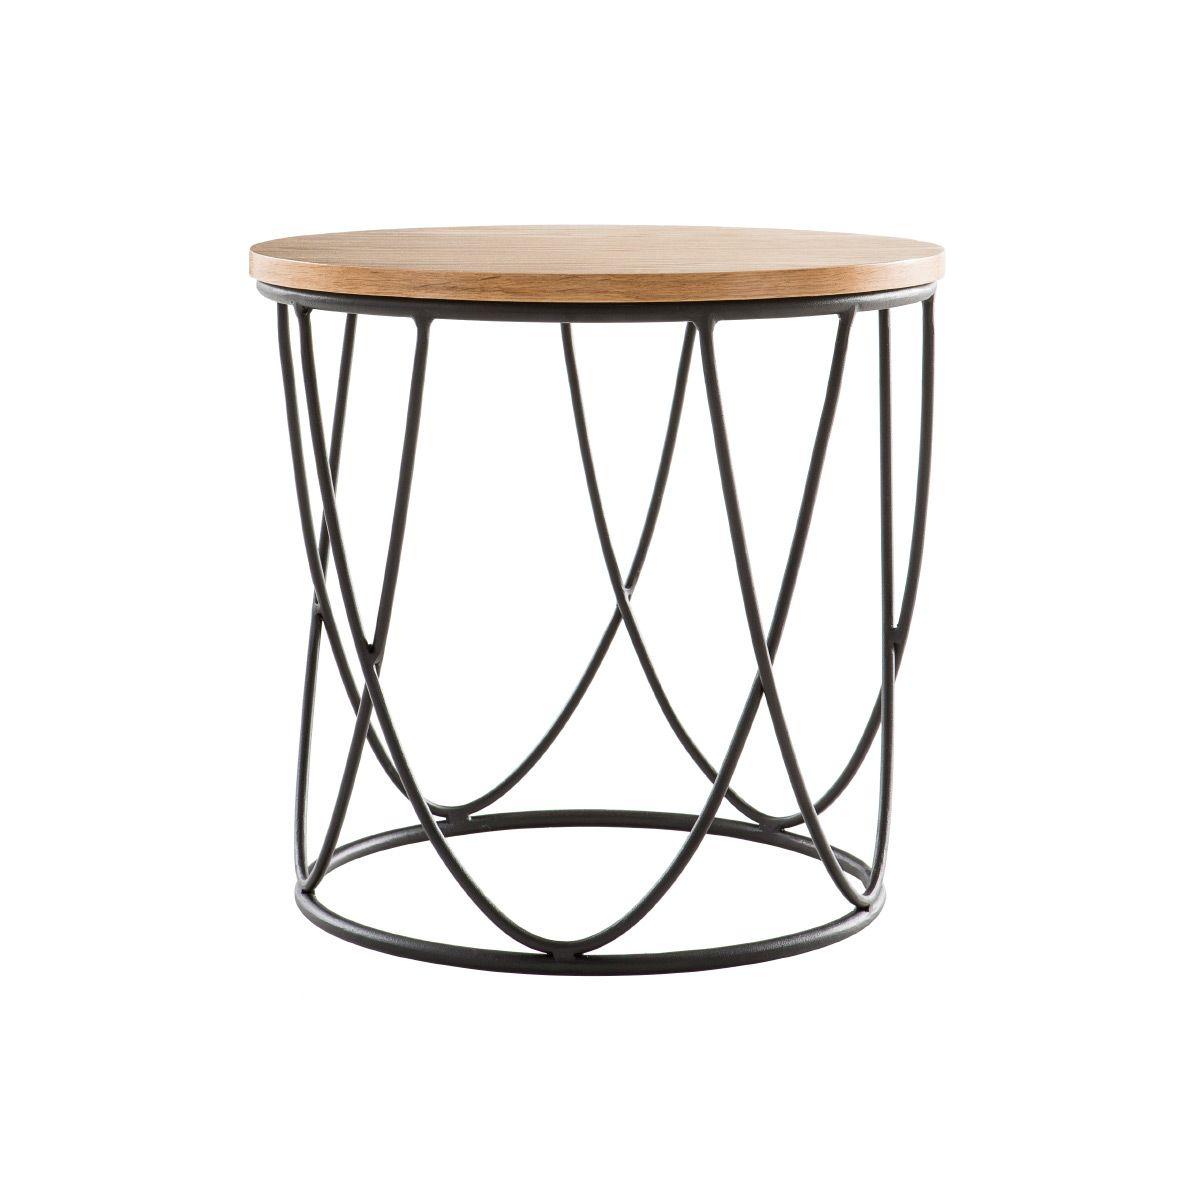 Table D Appoint Bois Metal L42 X H40 Cm Lace En 2020 Table D Appoint Bois Metal Table Metal